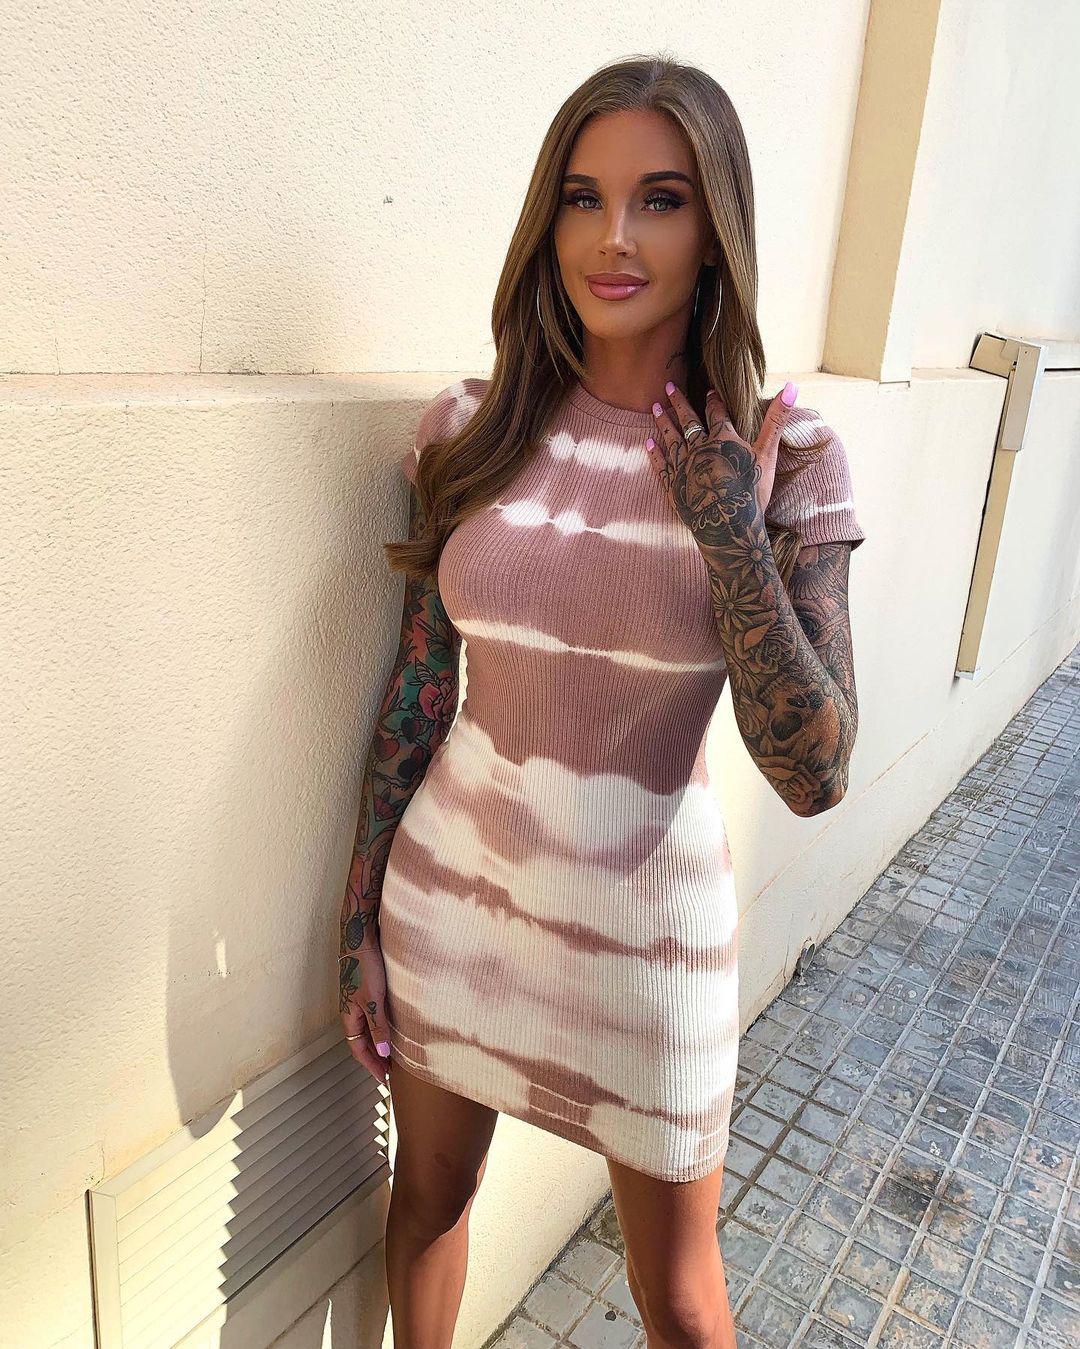 Lauren-Houldsworth-Wallpapers-Insta-Fit-Bio-3